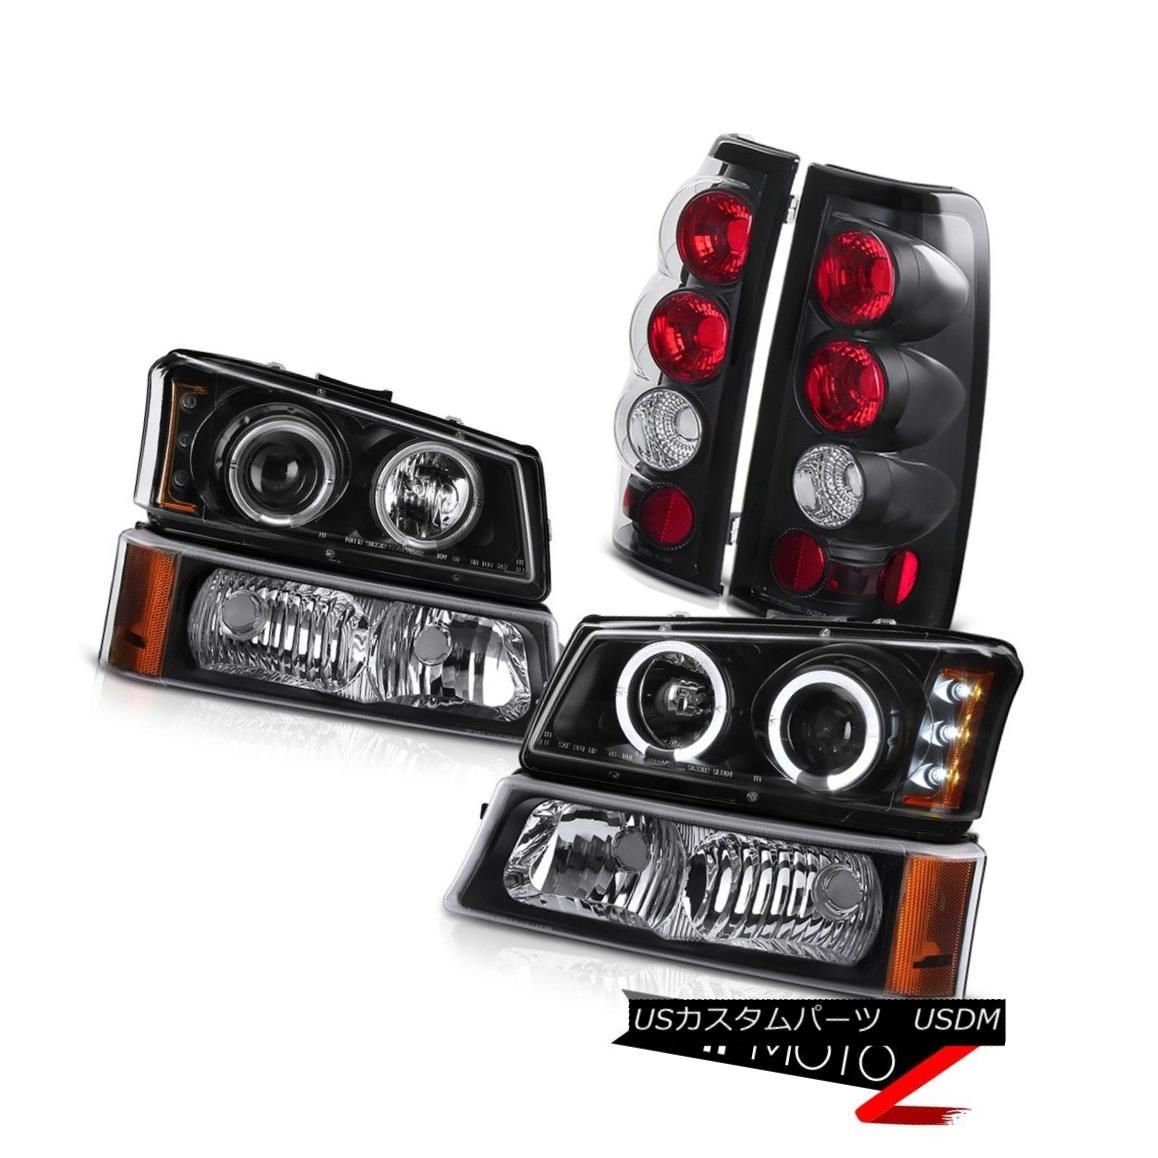 テールライト 2003-2006 Silverado DuraMax 6.6L Halo LED Projector Headlights Parking Taillight 2003-2006 Silverado DuraMax 6.6L Halo LEDプロジェクターヘッドライトパーキングテールライト